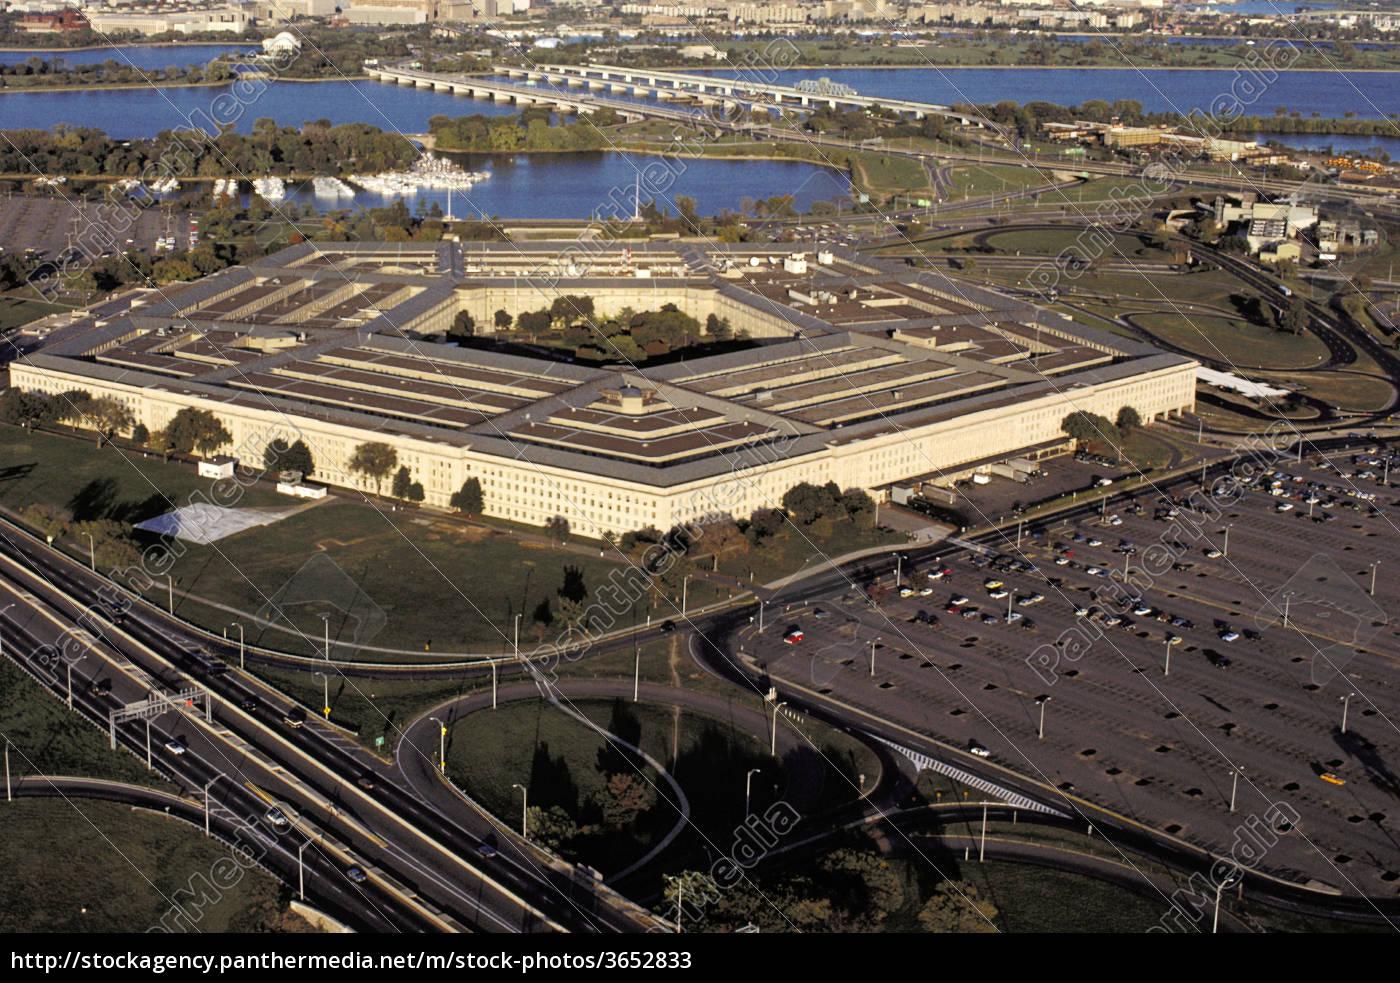 luftaufnahme, eines, regierungsgebäudes, in, einer, stadt, pentagon, washington - 3652833